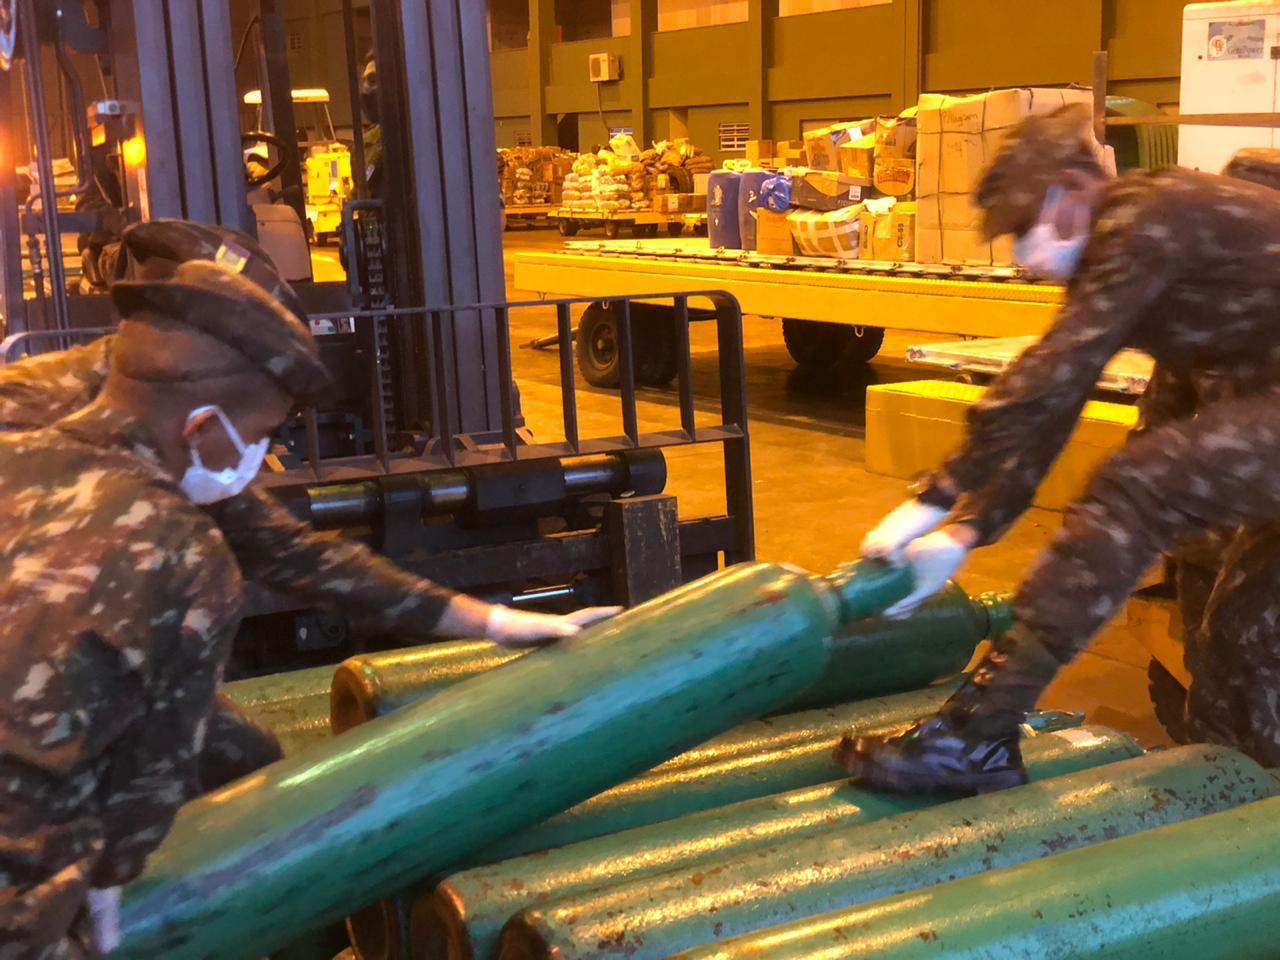 Militares descarregam tubos de oxigênio enviados para repor estoque do hospital em São Gabriel da Cachoeira